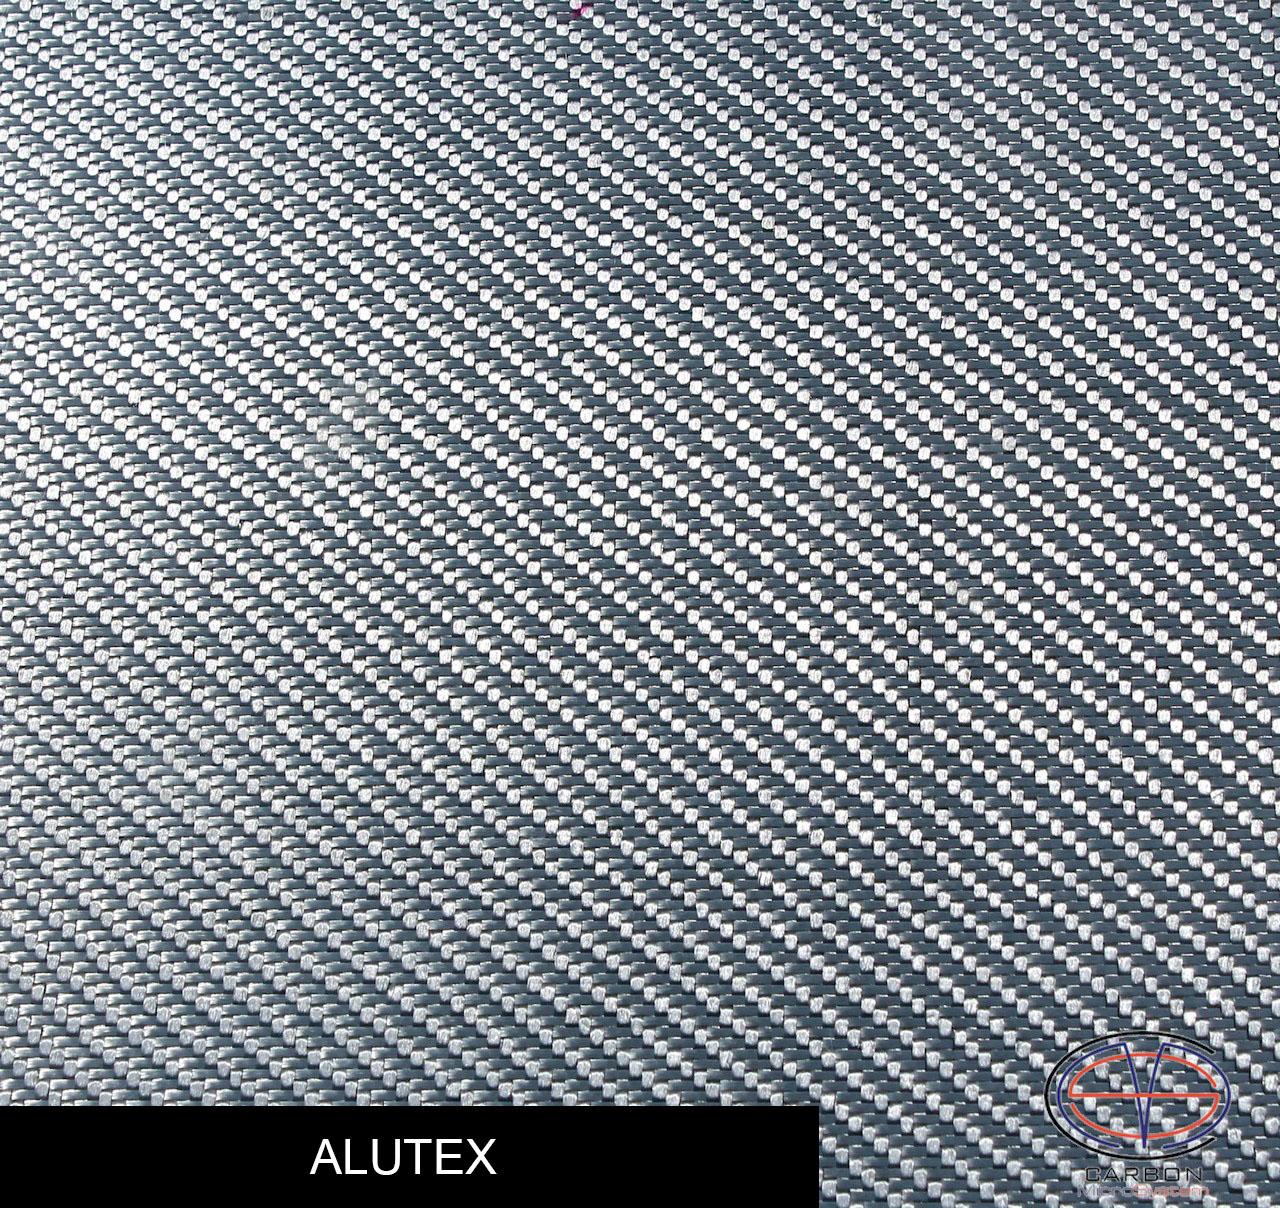 Alutex fiber